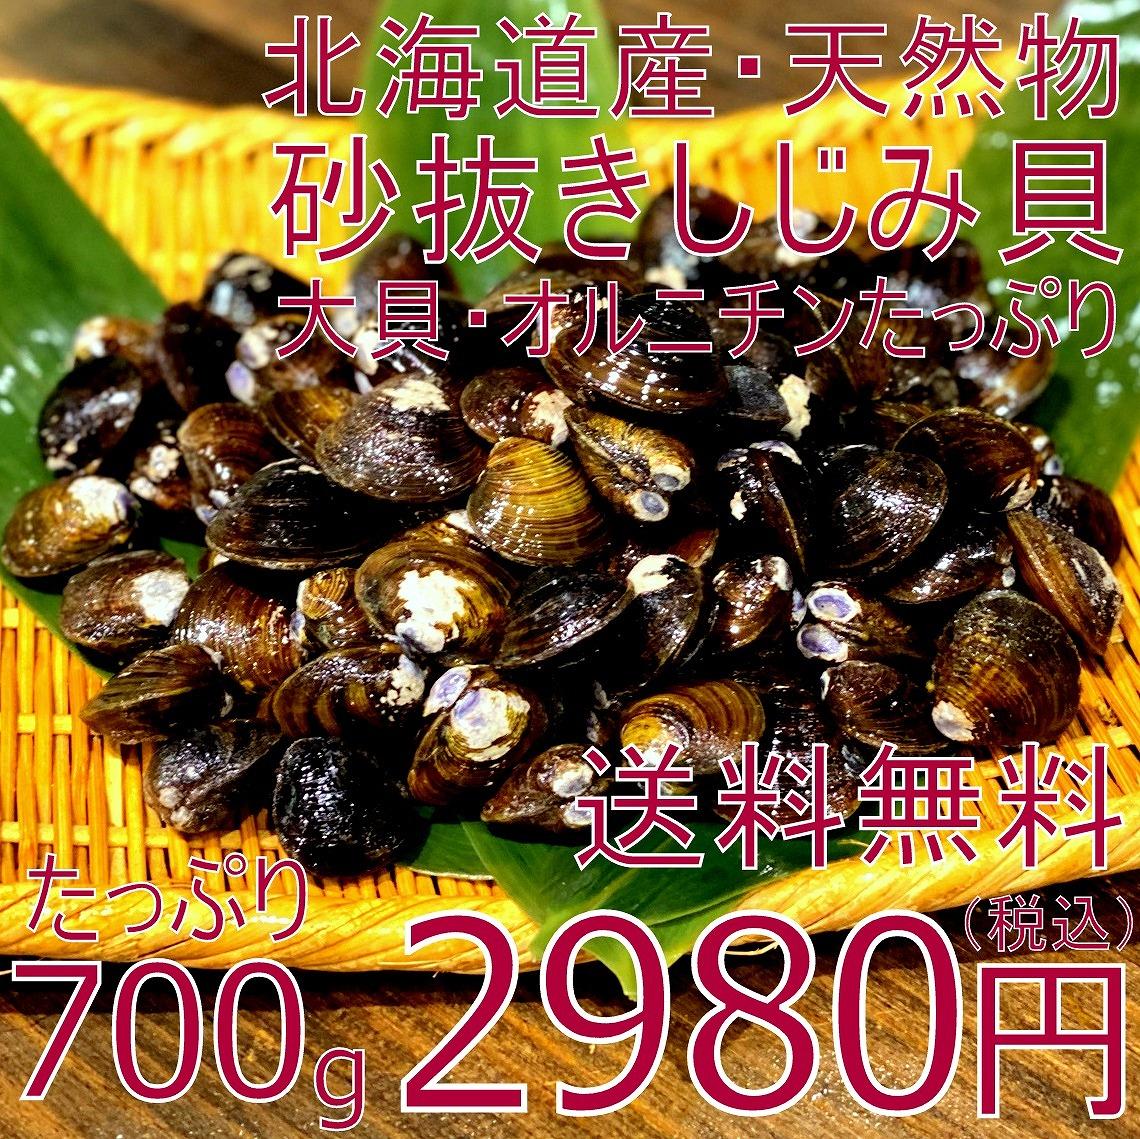 北海道産大粒天然しじみで味噌汁を作るの巻